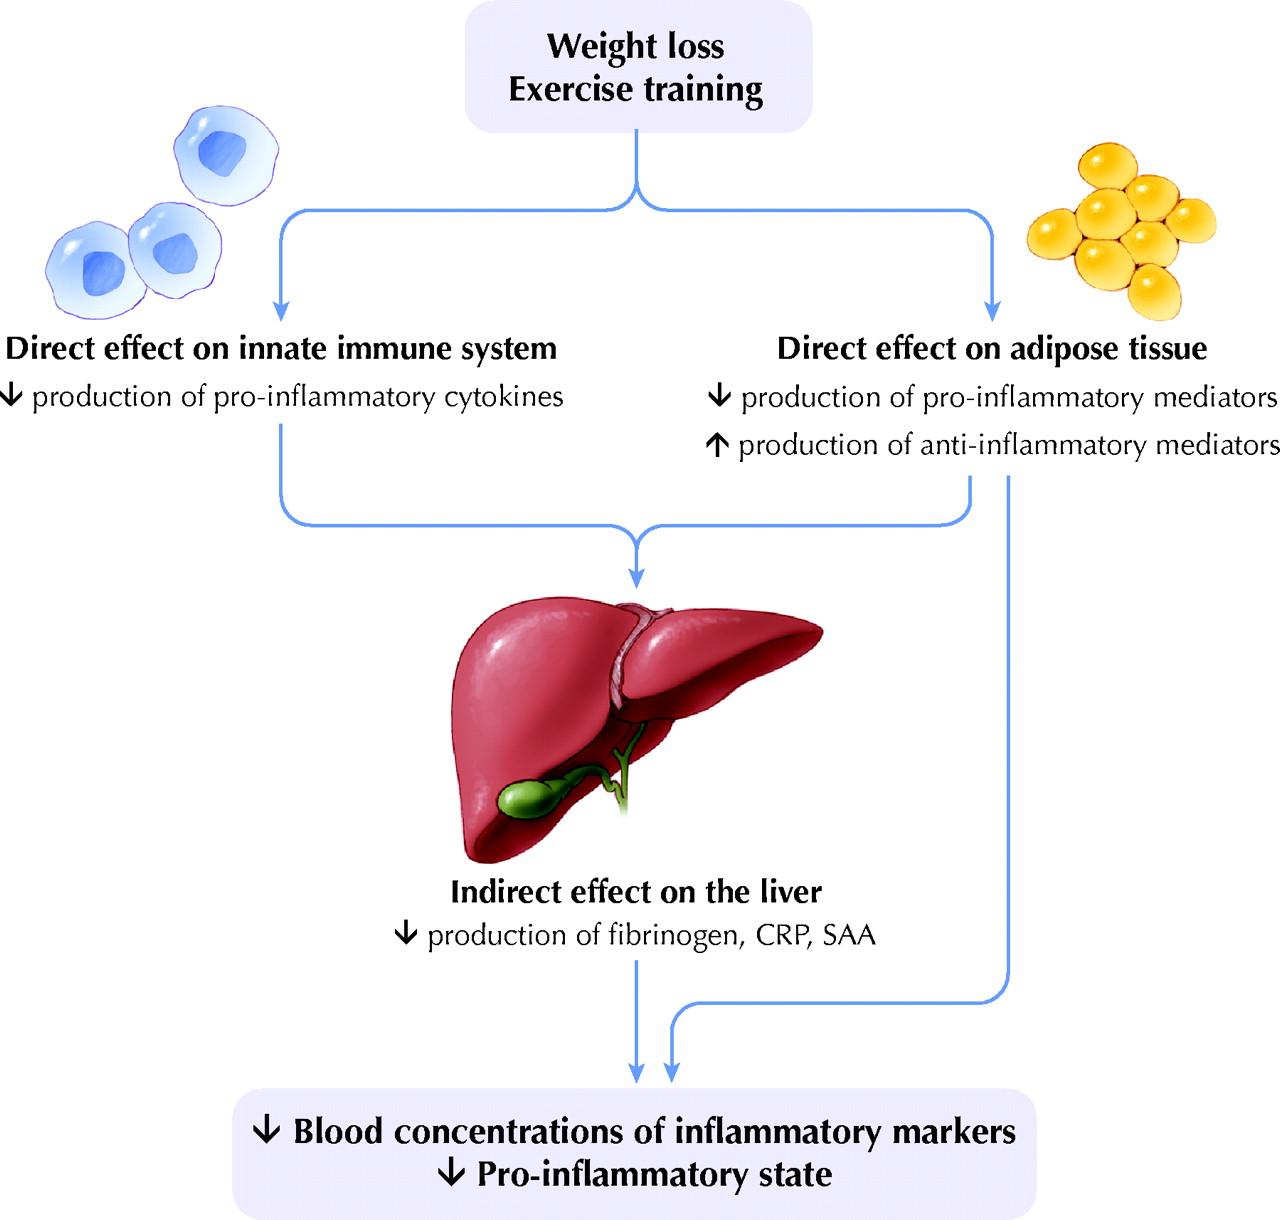 Похудение и физическая нагрузка снижают уровень воспаления и фибриногена